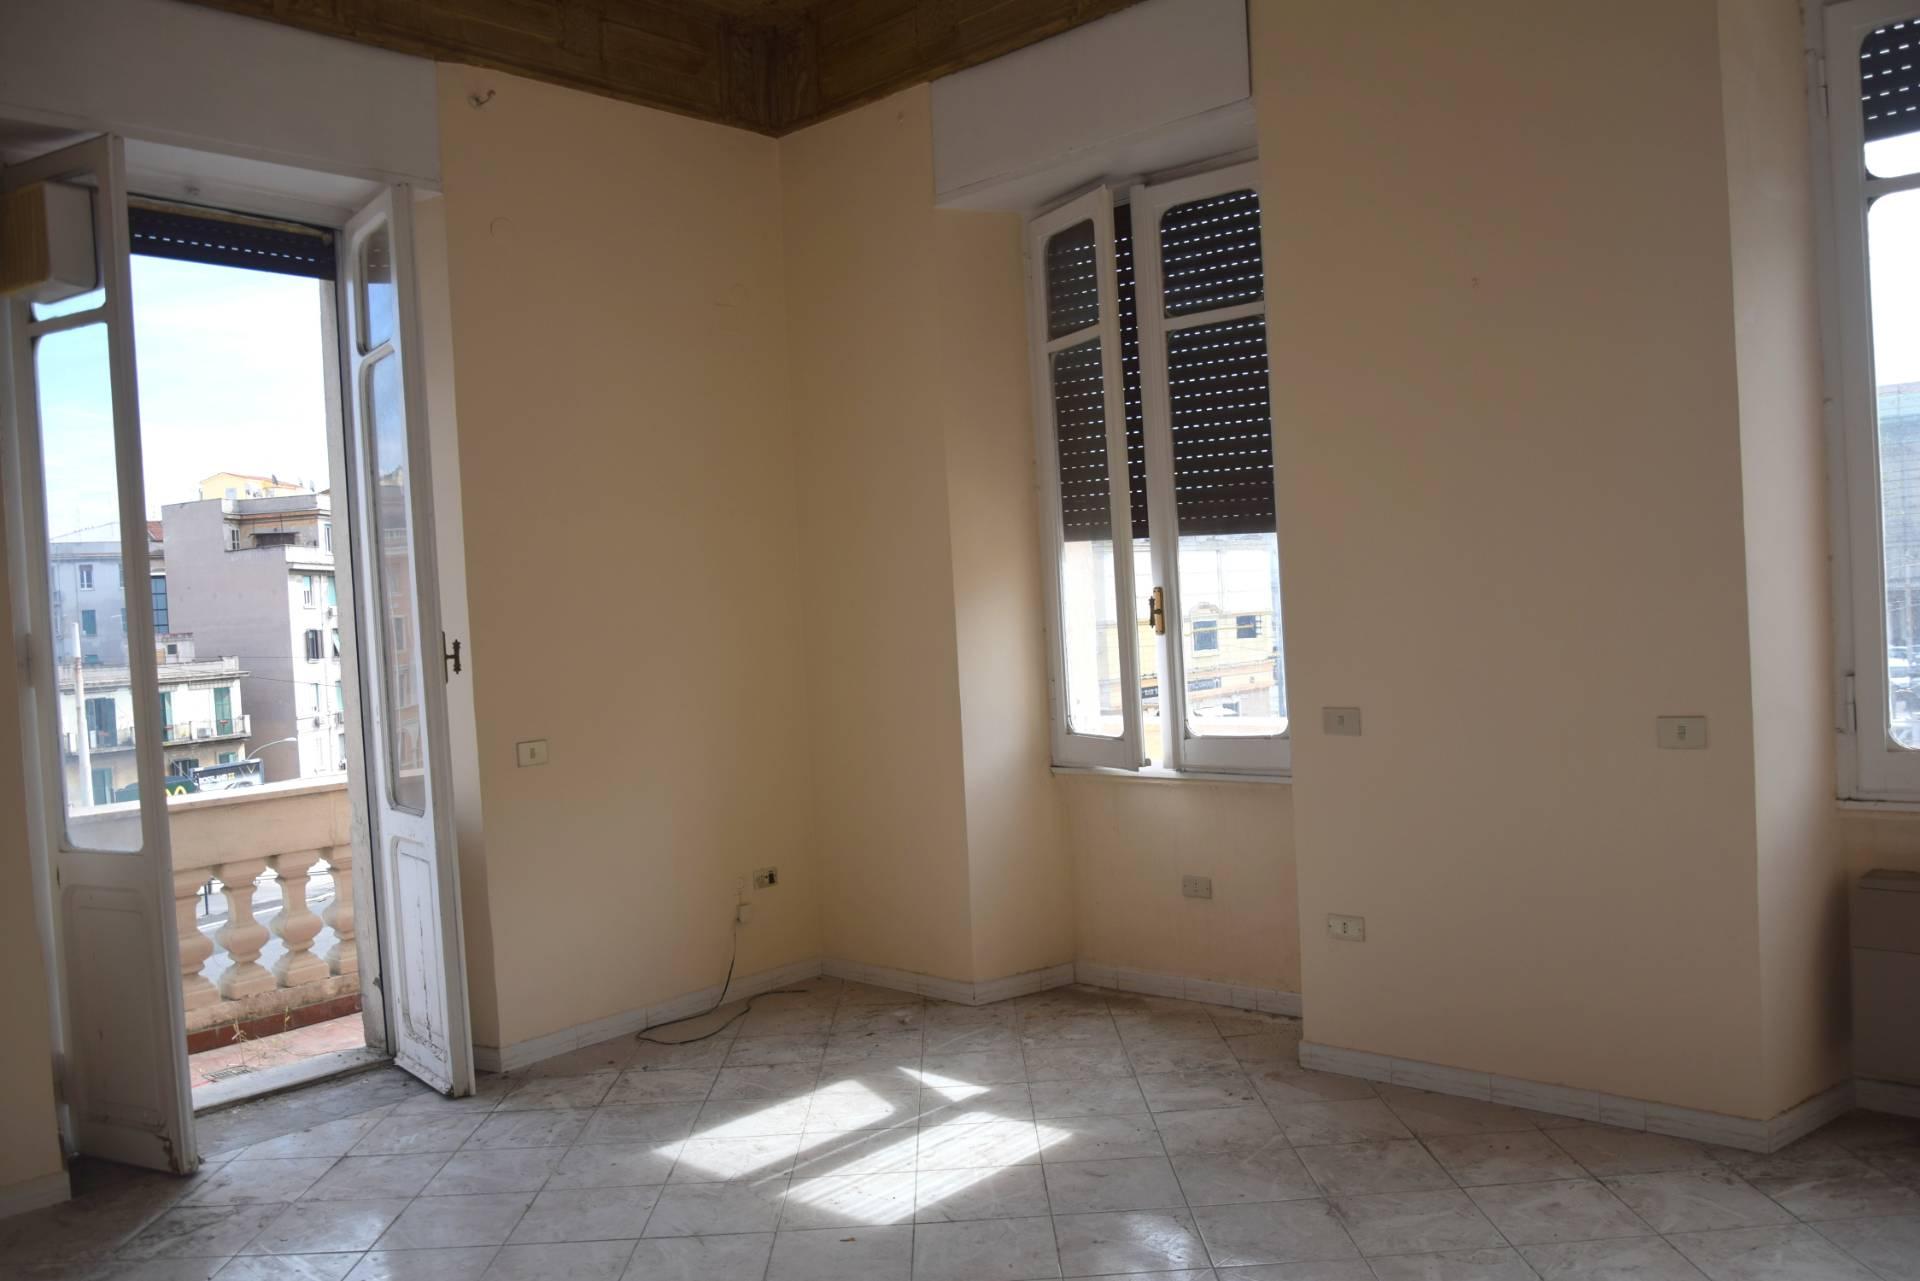 Cbi053 308 viale trastevere affitto appartamento in for Roma in affitto